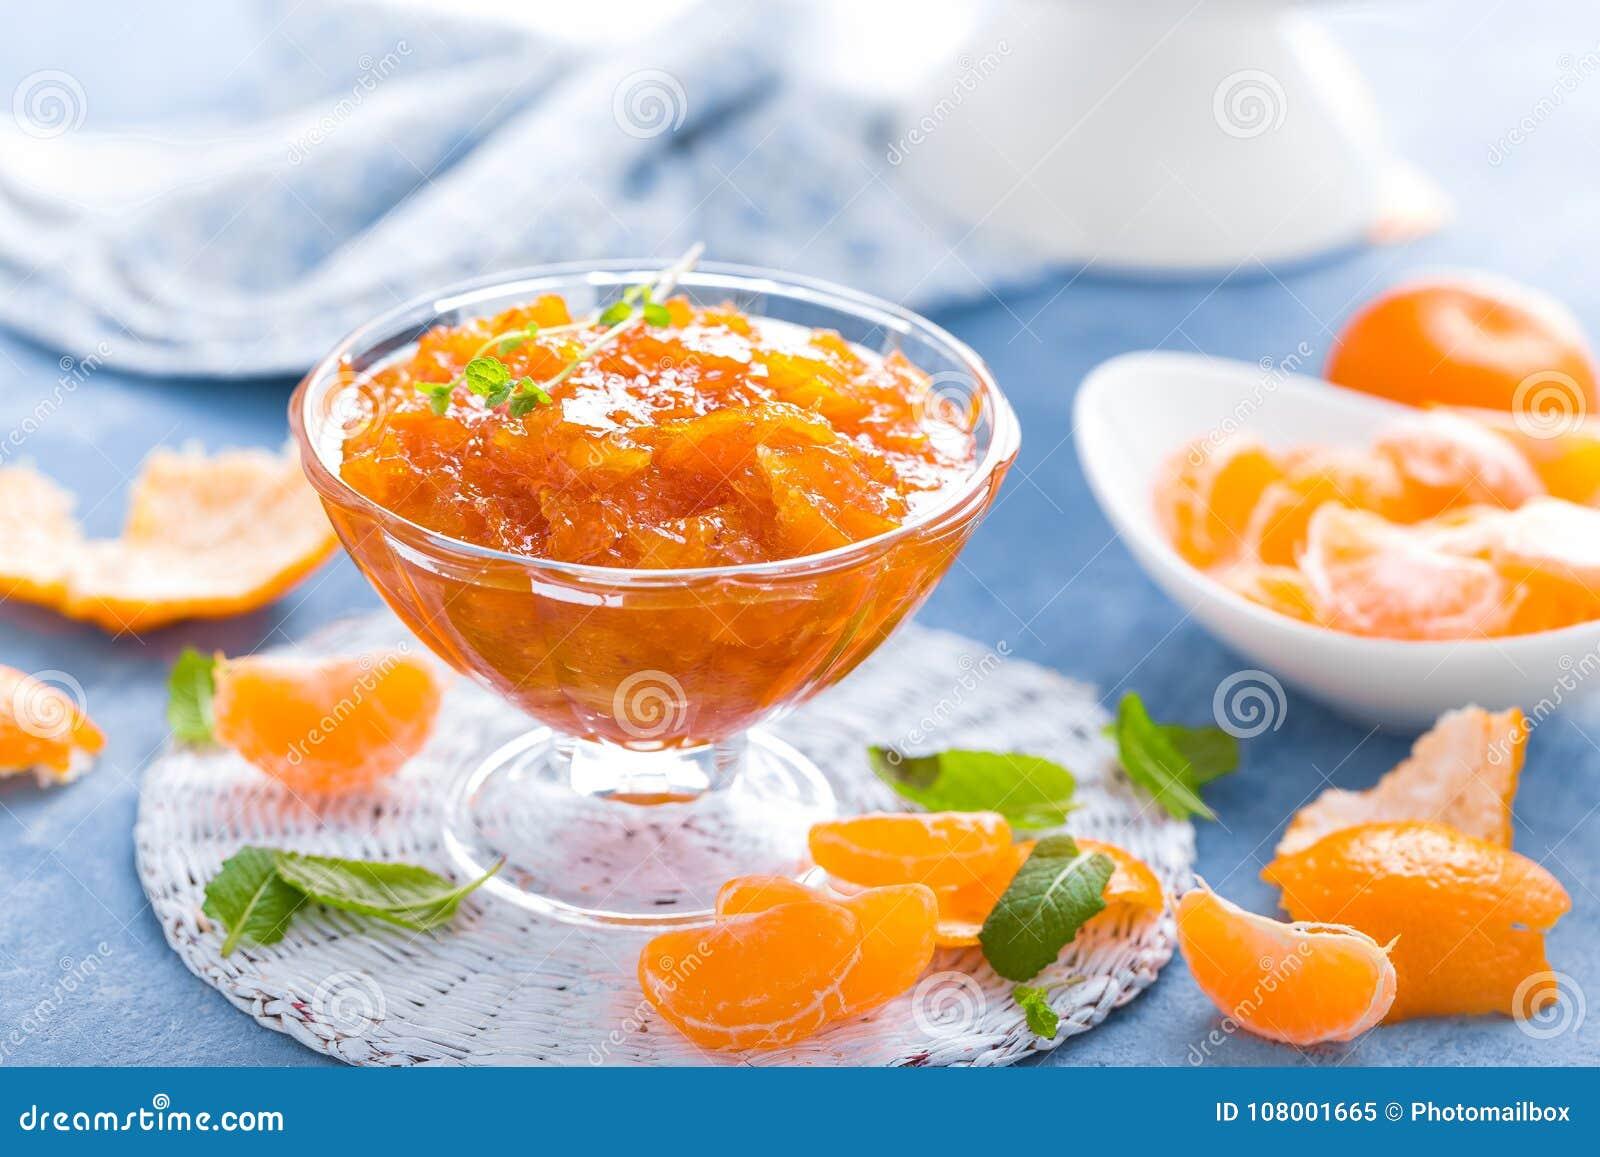 Smakowity mandarynka pomarańczowy dżem Tangerine confiture, marmolada